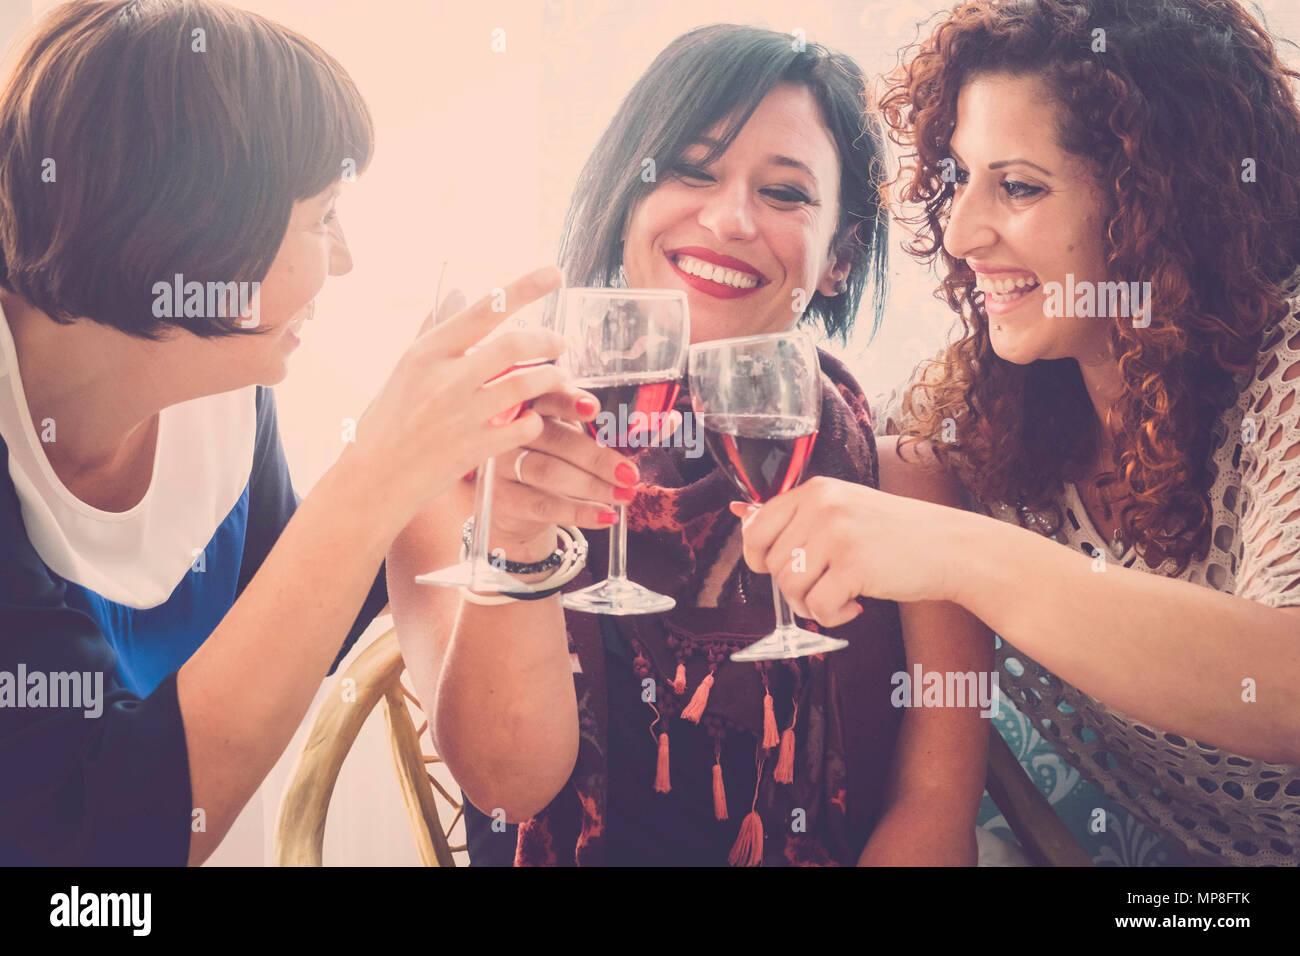 Grupo de personas tres jóvenes mujeres, beber un poco de vino tinto en casa para celebrar su amistad. Mucha diversión y emoticones para un día de fiesta Imagen De Stock